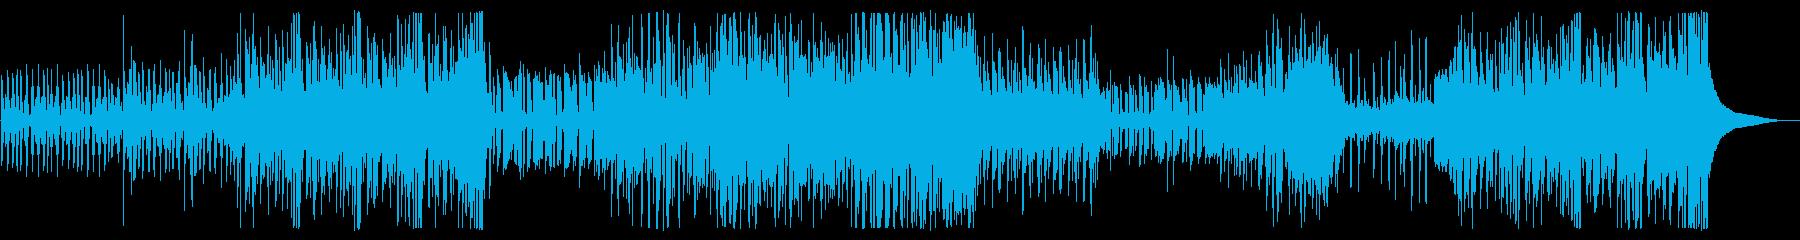 楽しいウキウキ元気ビッグバンド風BGMの再生済みの波形